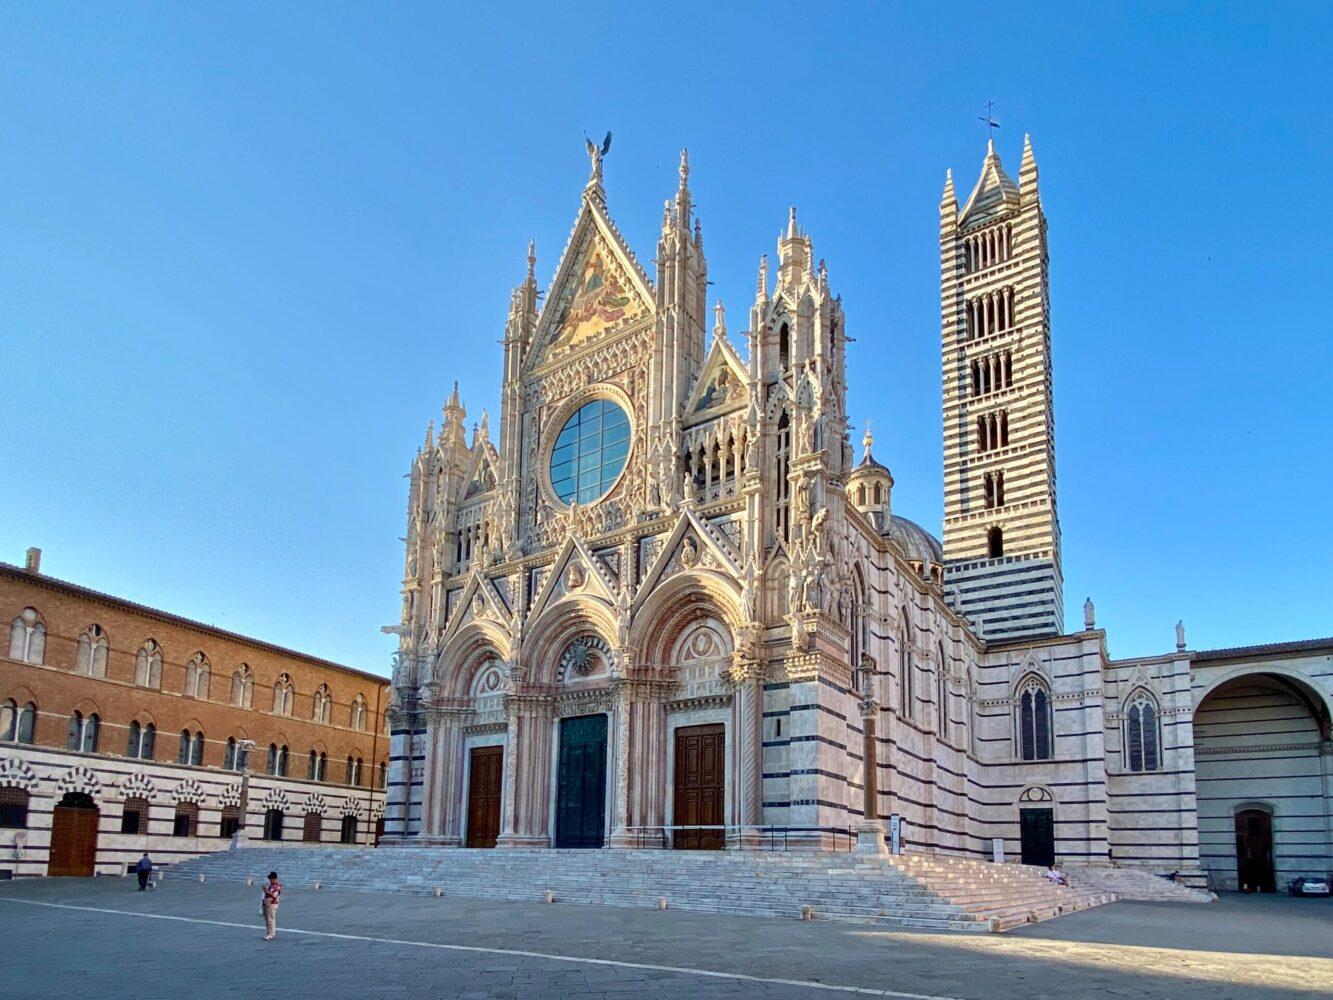 Het Gezinsleven - Vakanties - Europa - De 10 mooiste steden in de Toscane - Duomo Santa Maria in Siena